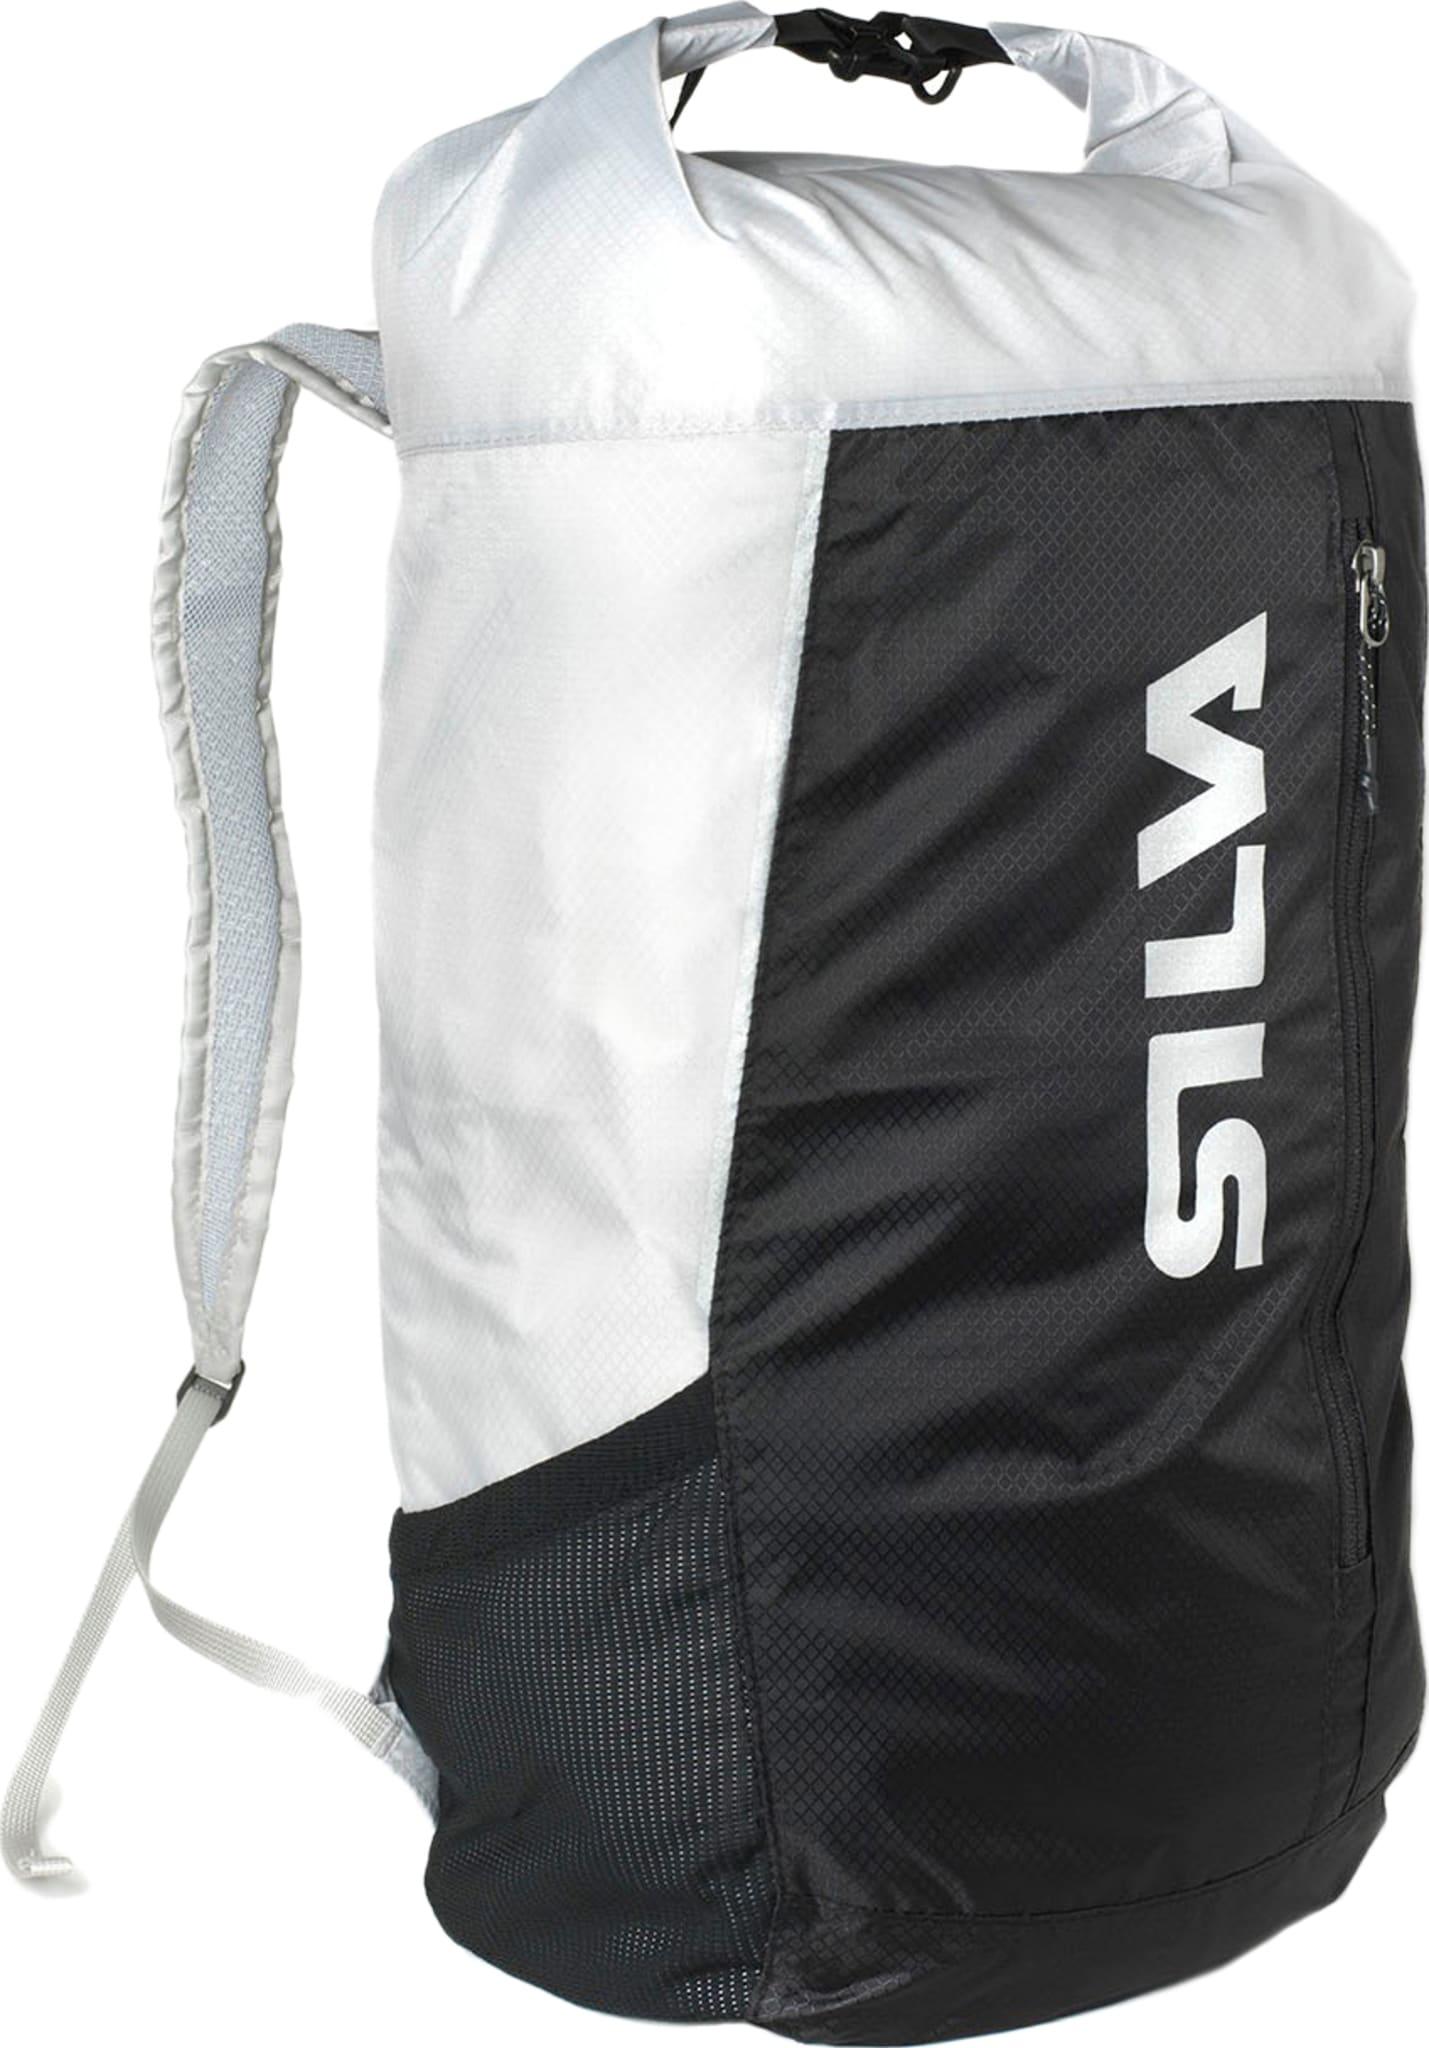 506f7c5c Waterproof Backpack 23L